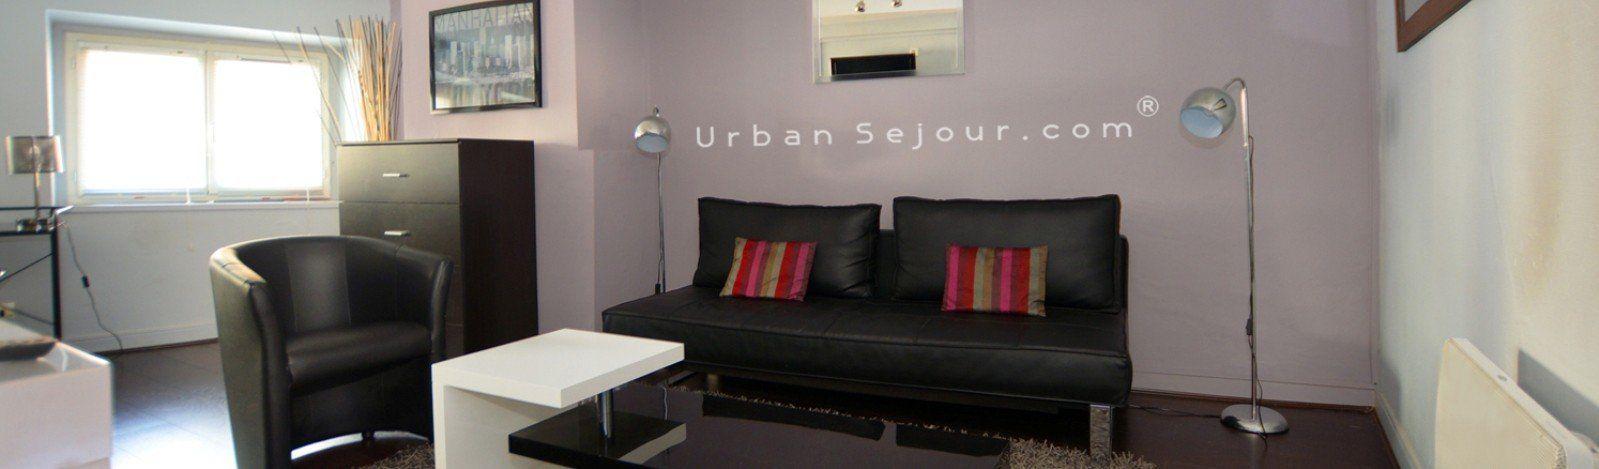 location appartement meubl avec 1 chambre location saisonni re lyon 1 terreaux op ra. Black Bedroom Furniture Sets. Home Design Ideas